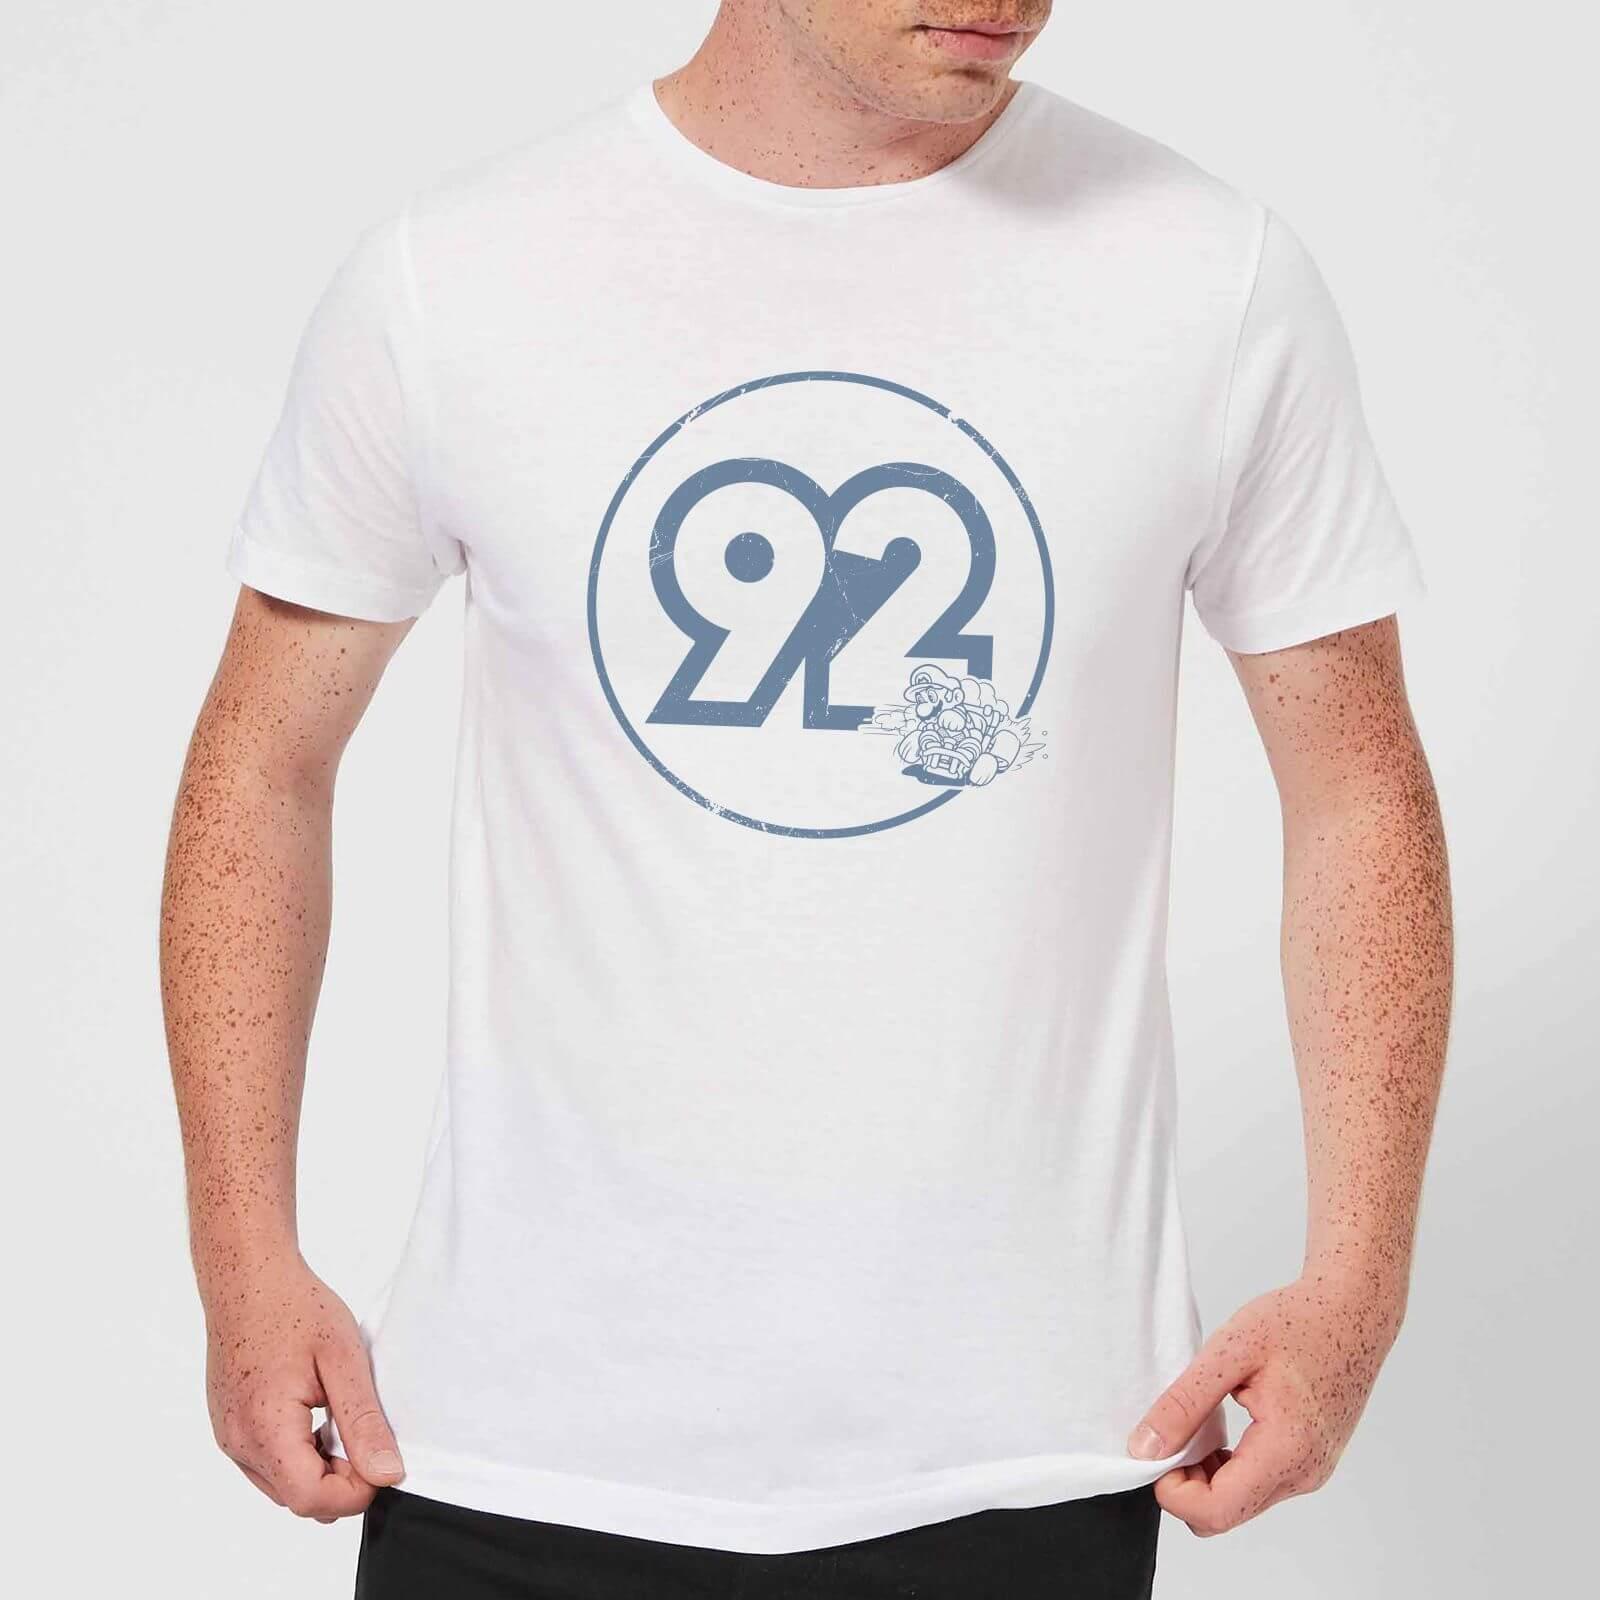 Nintendo® Vintage Mario Racer 92 T-Shirt - Weiß - XXL - Weiß